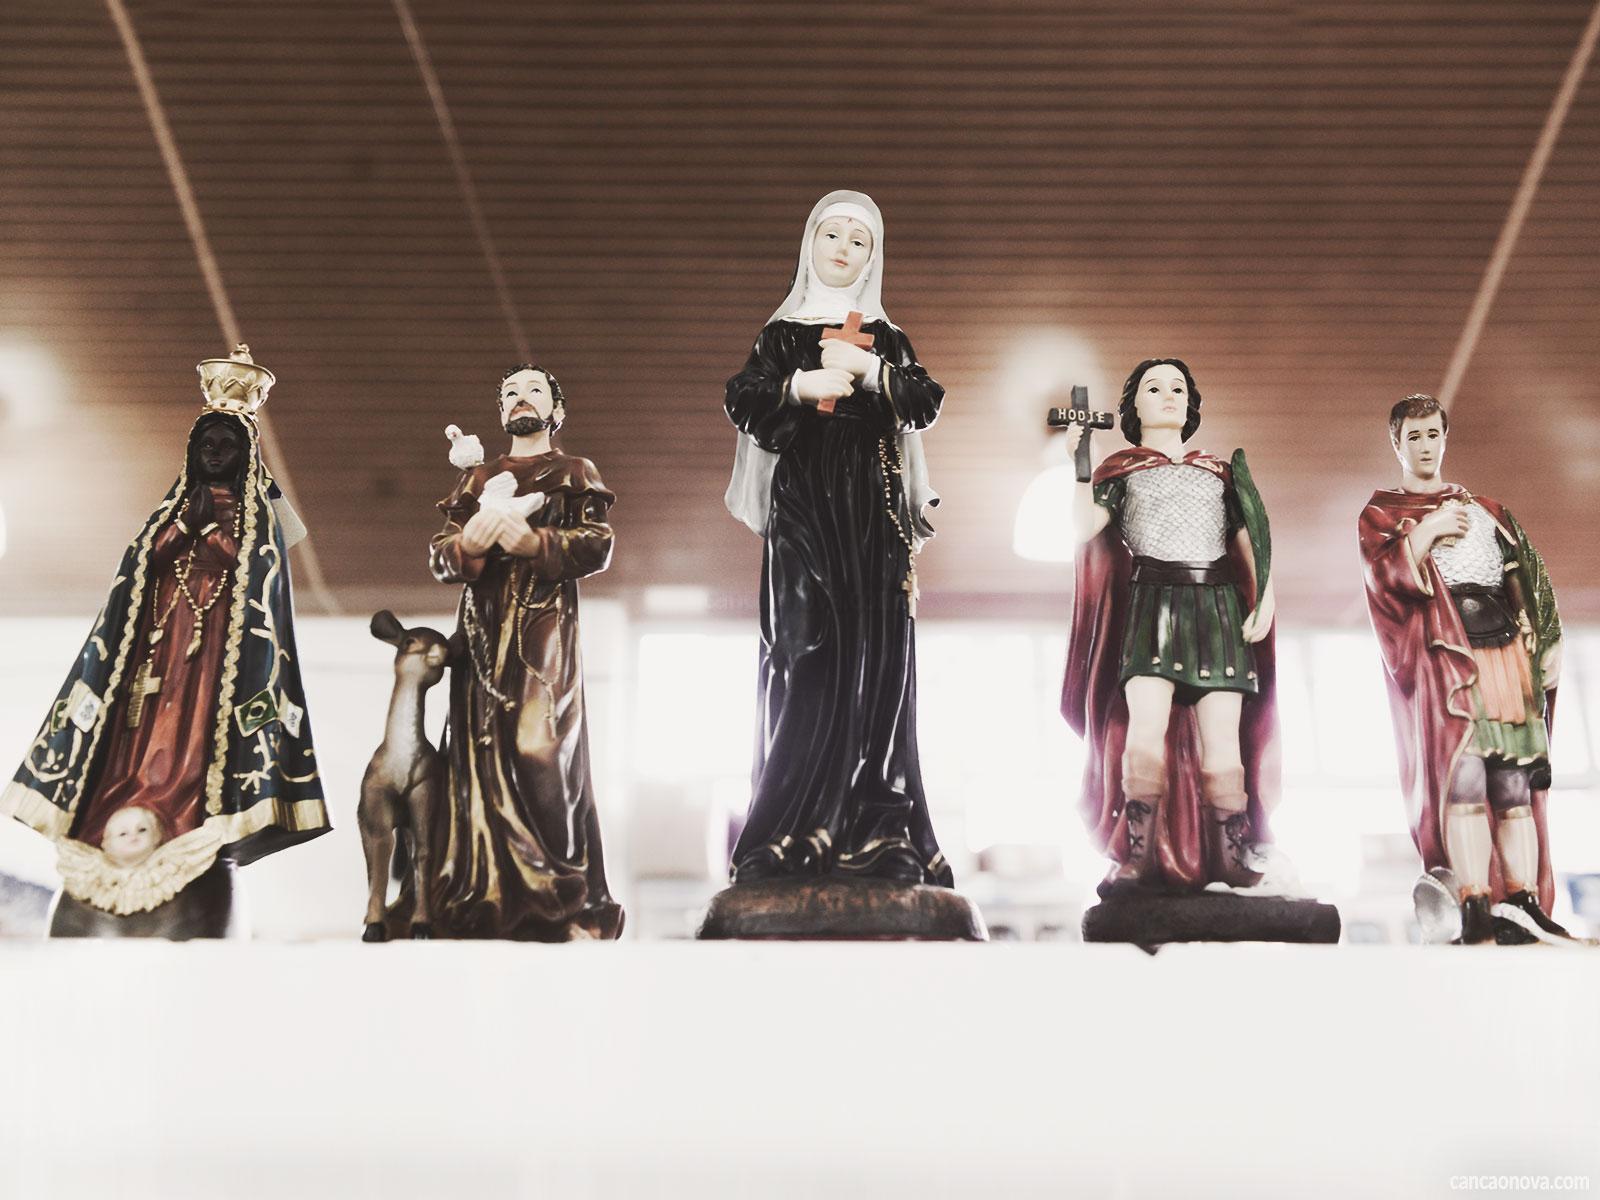 -Por-que-a-Igreja-Católica-cultua-a-imagem-de-santos